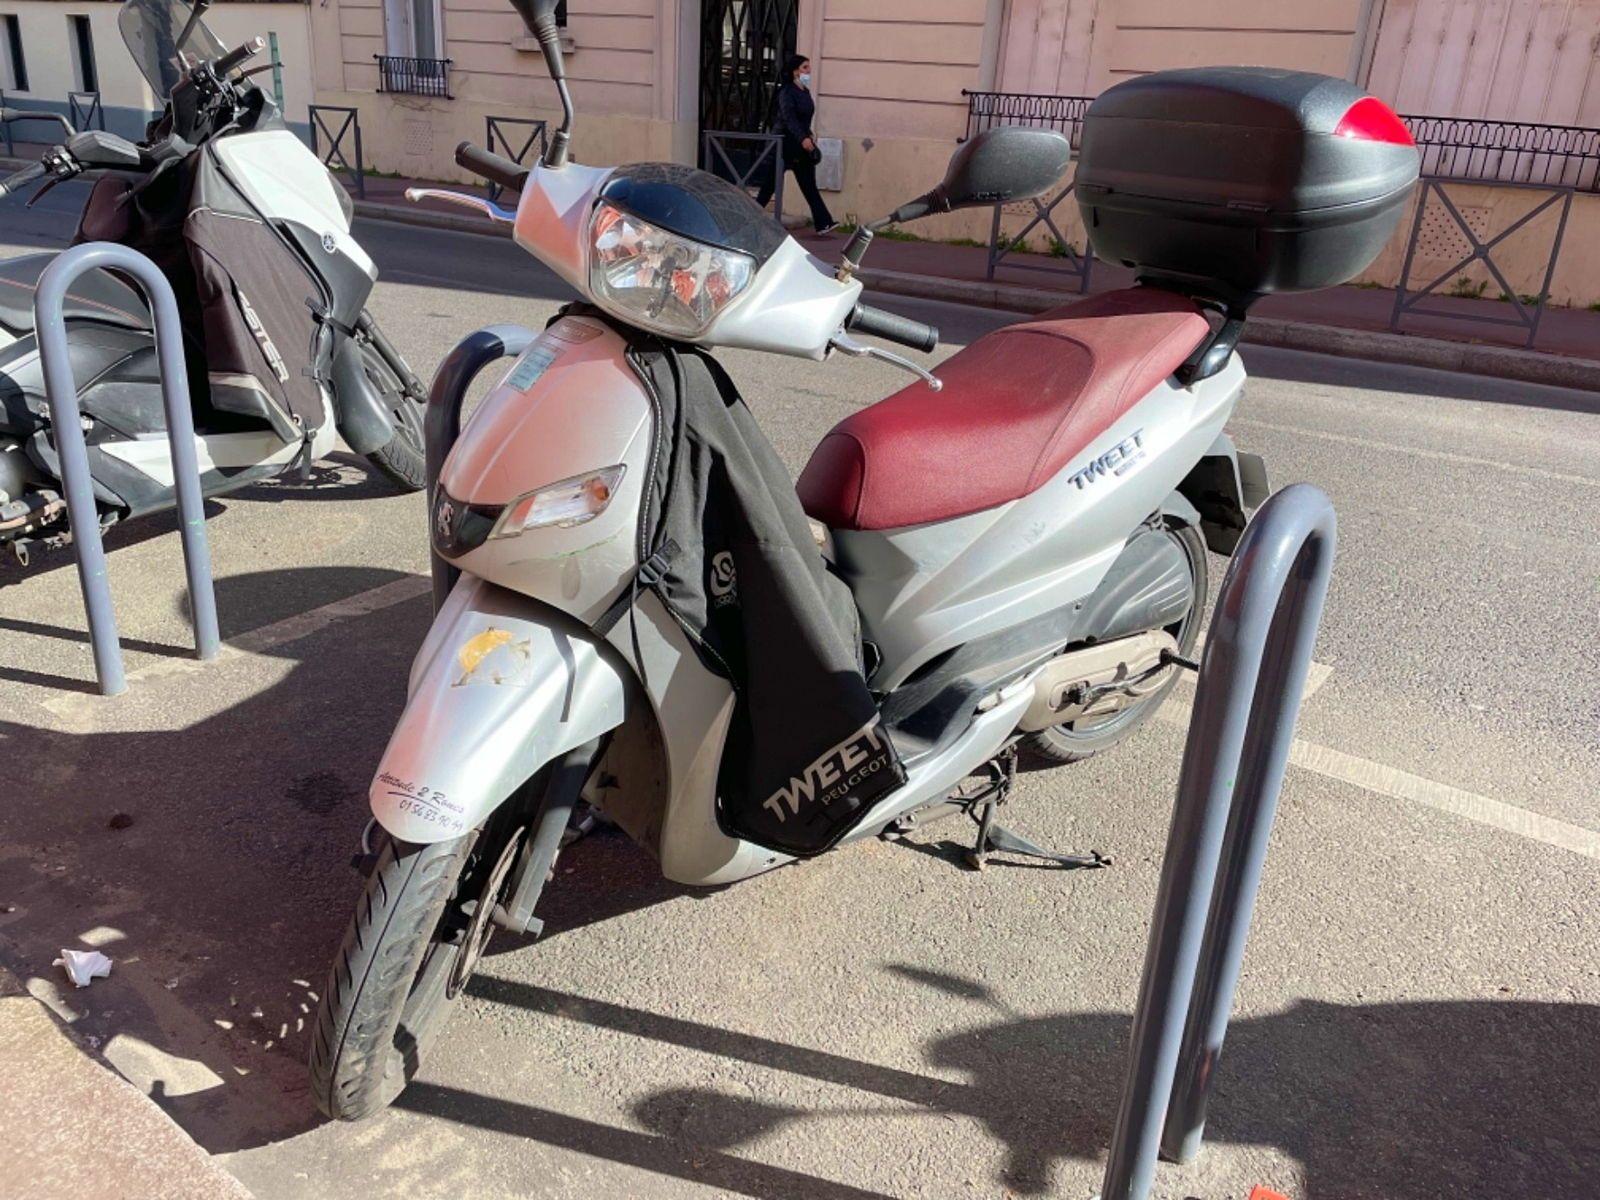 Vends scooter 50cc Peugeot Tweet, 12441km · 2016